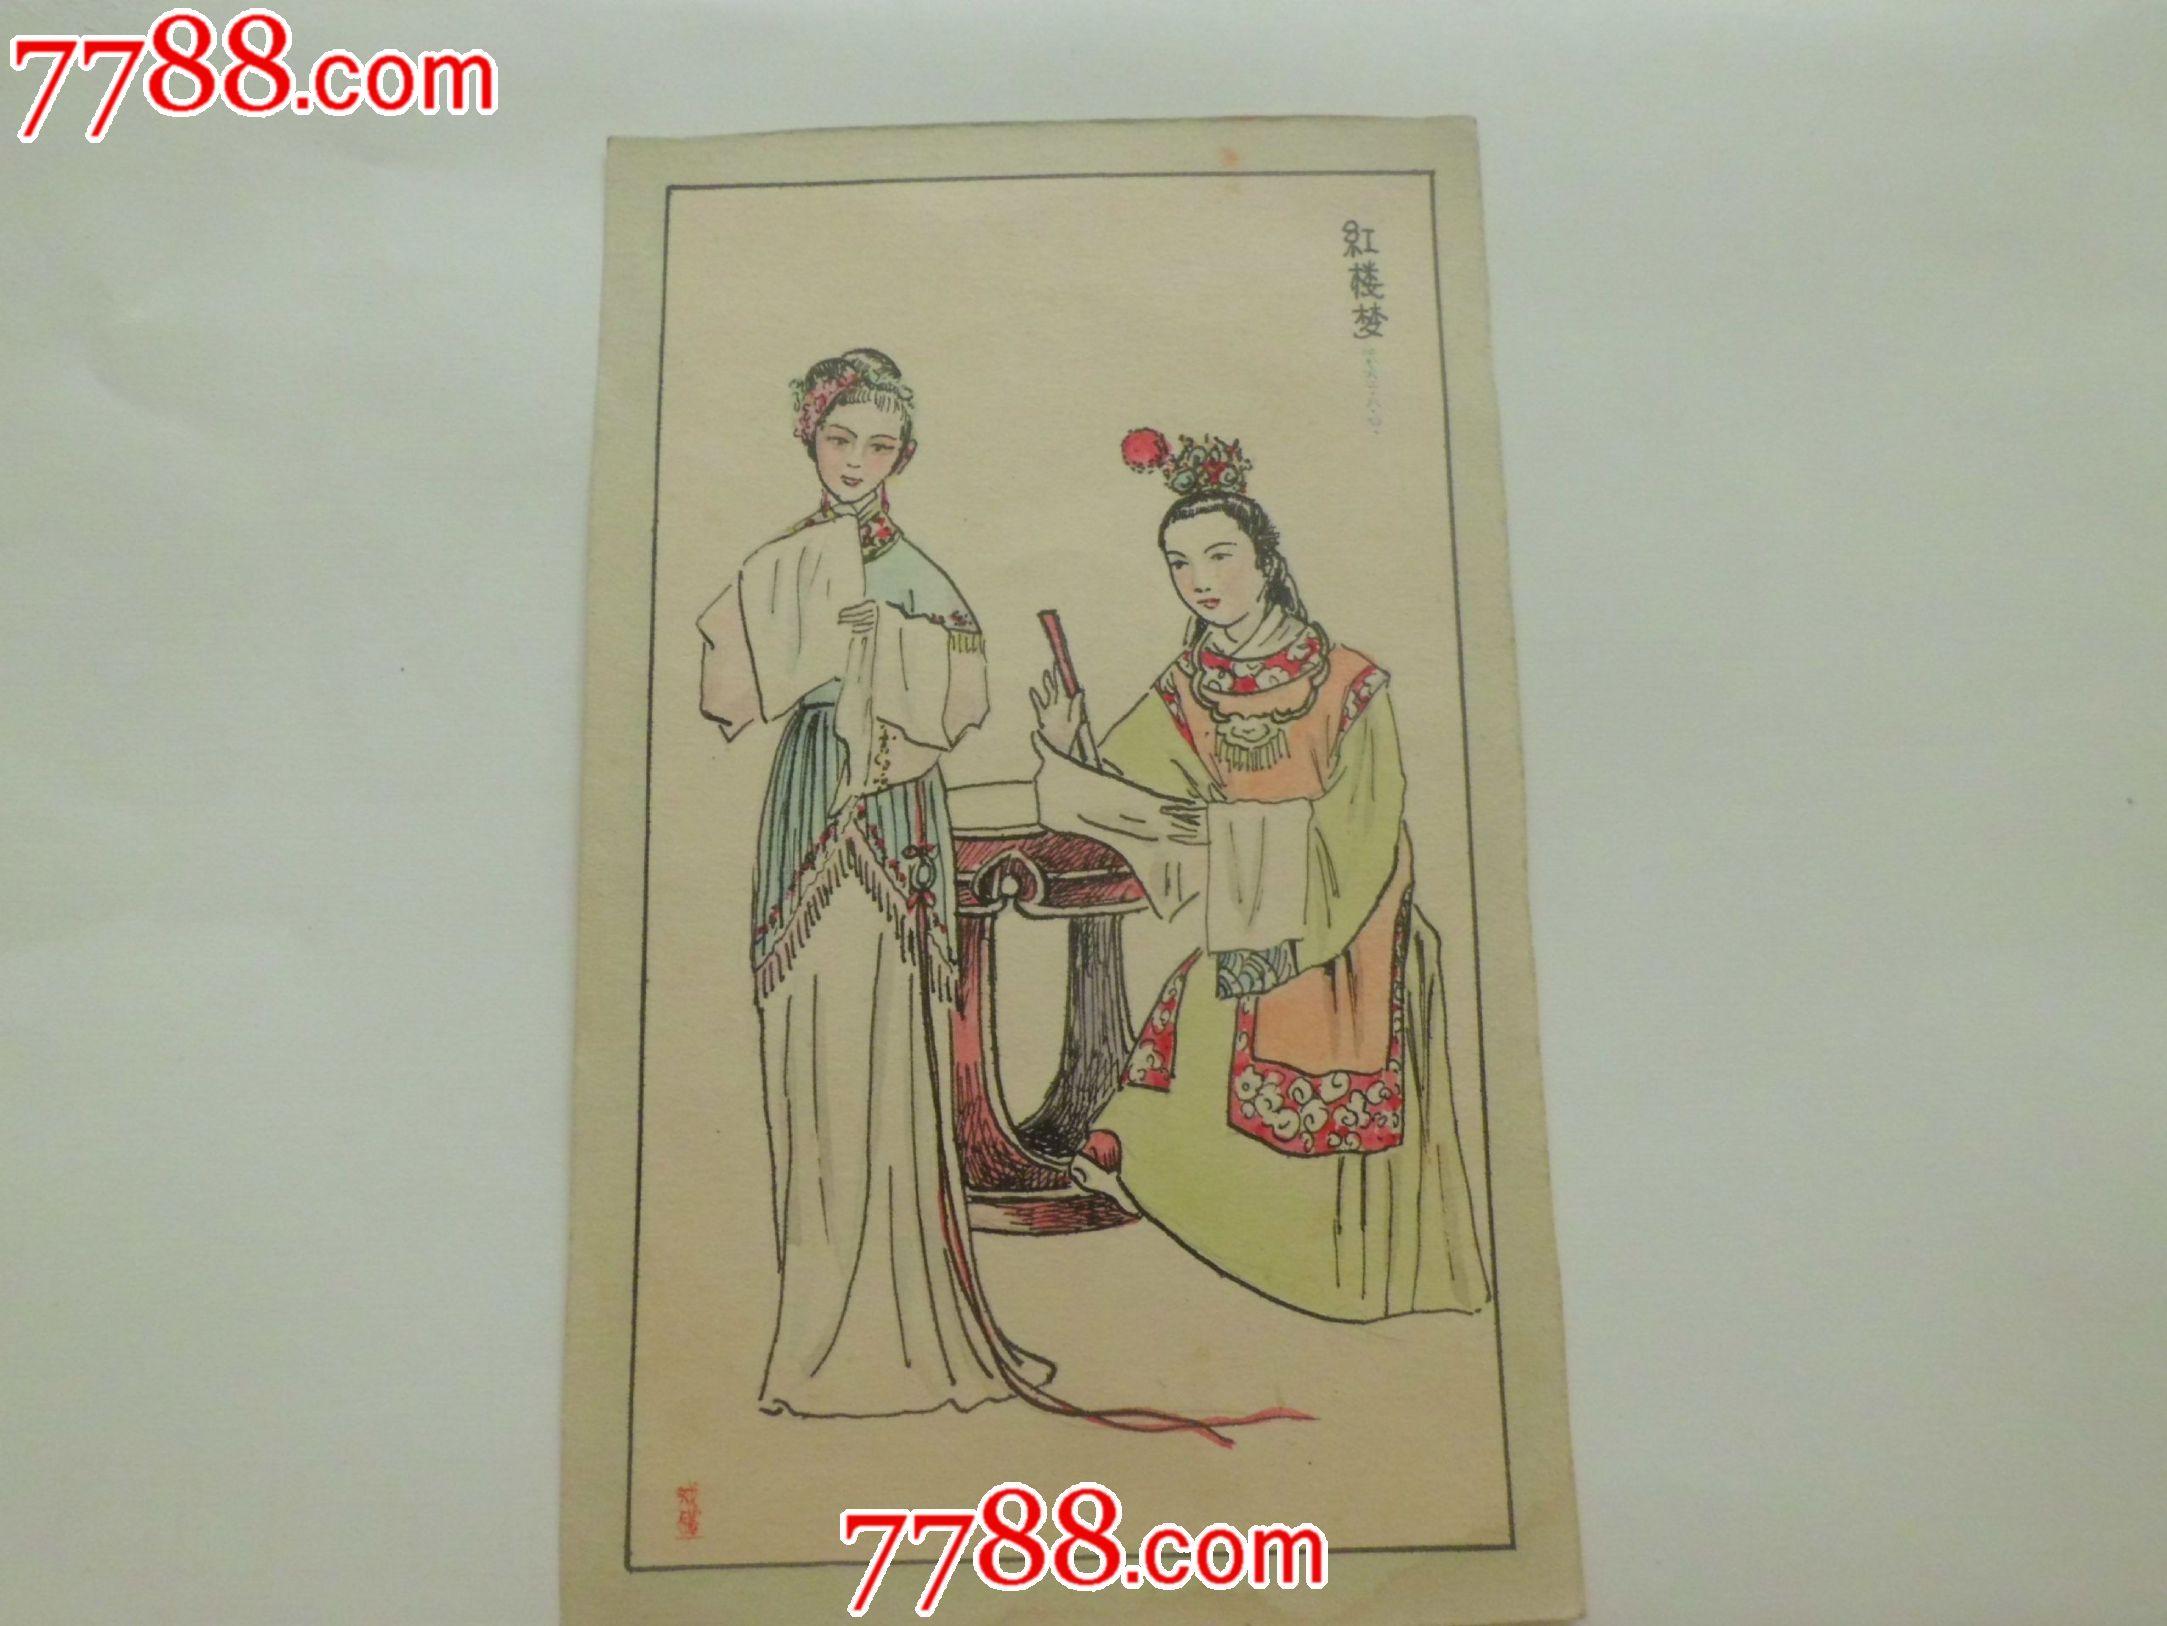 手绘红楼梦人物贾宝玉和林黛玉